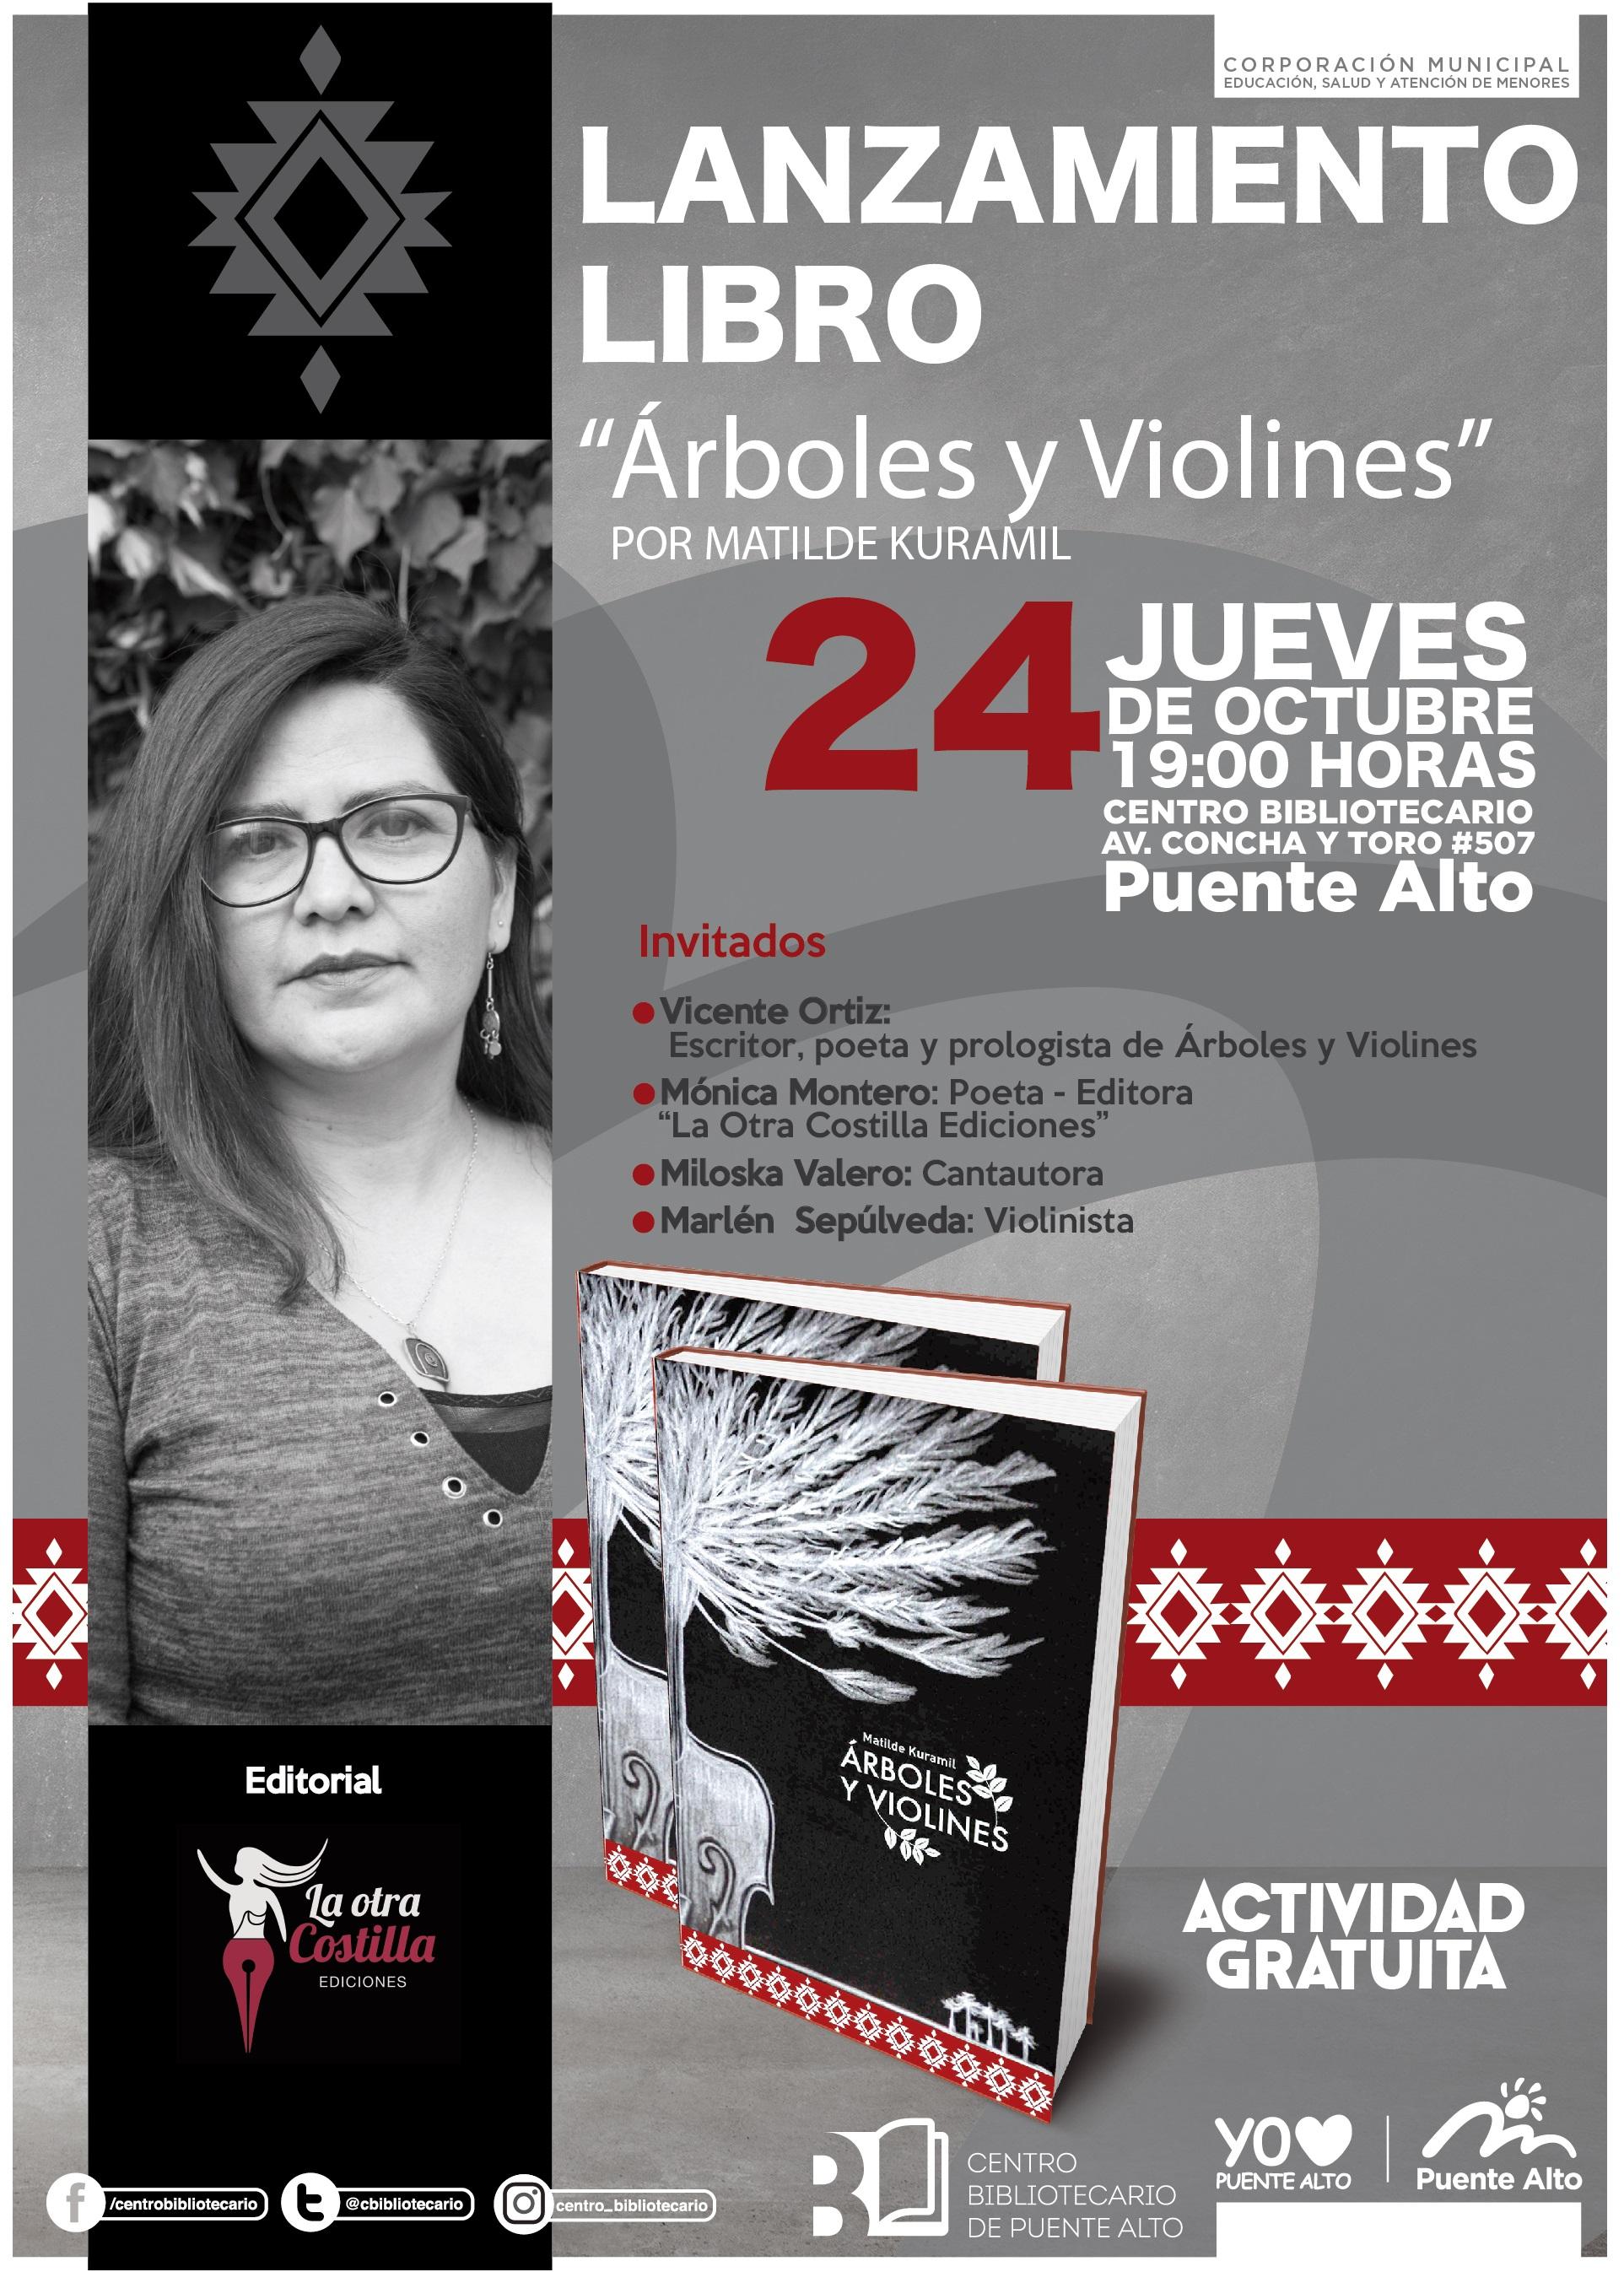 """Lanzamiento libro """"Árboles y Violines"""" por Matilde Kuramil"""